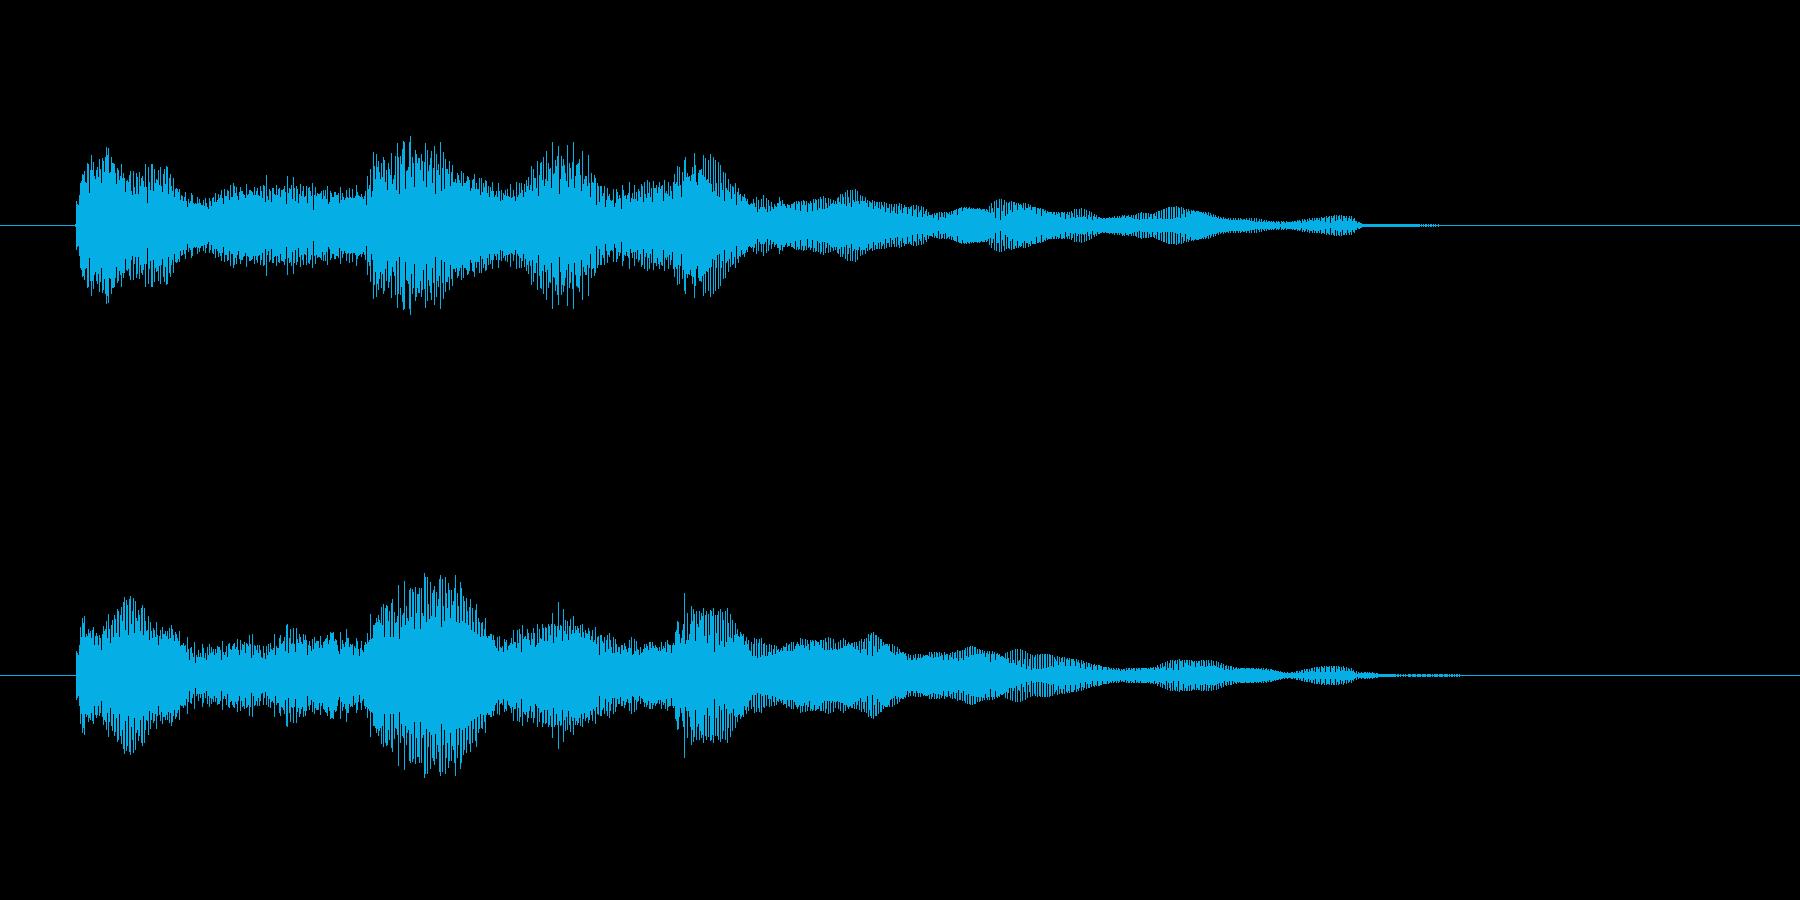 エレピのジングル2の再生済みの波形